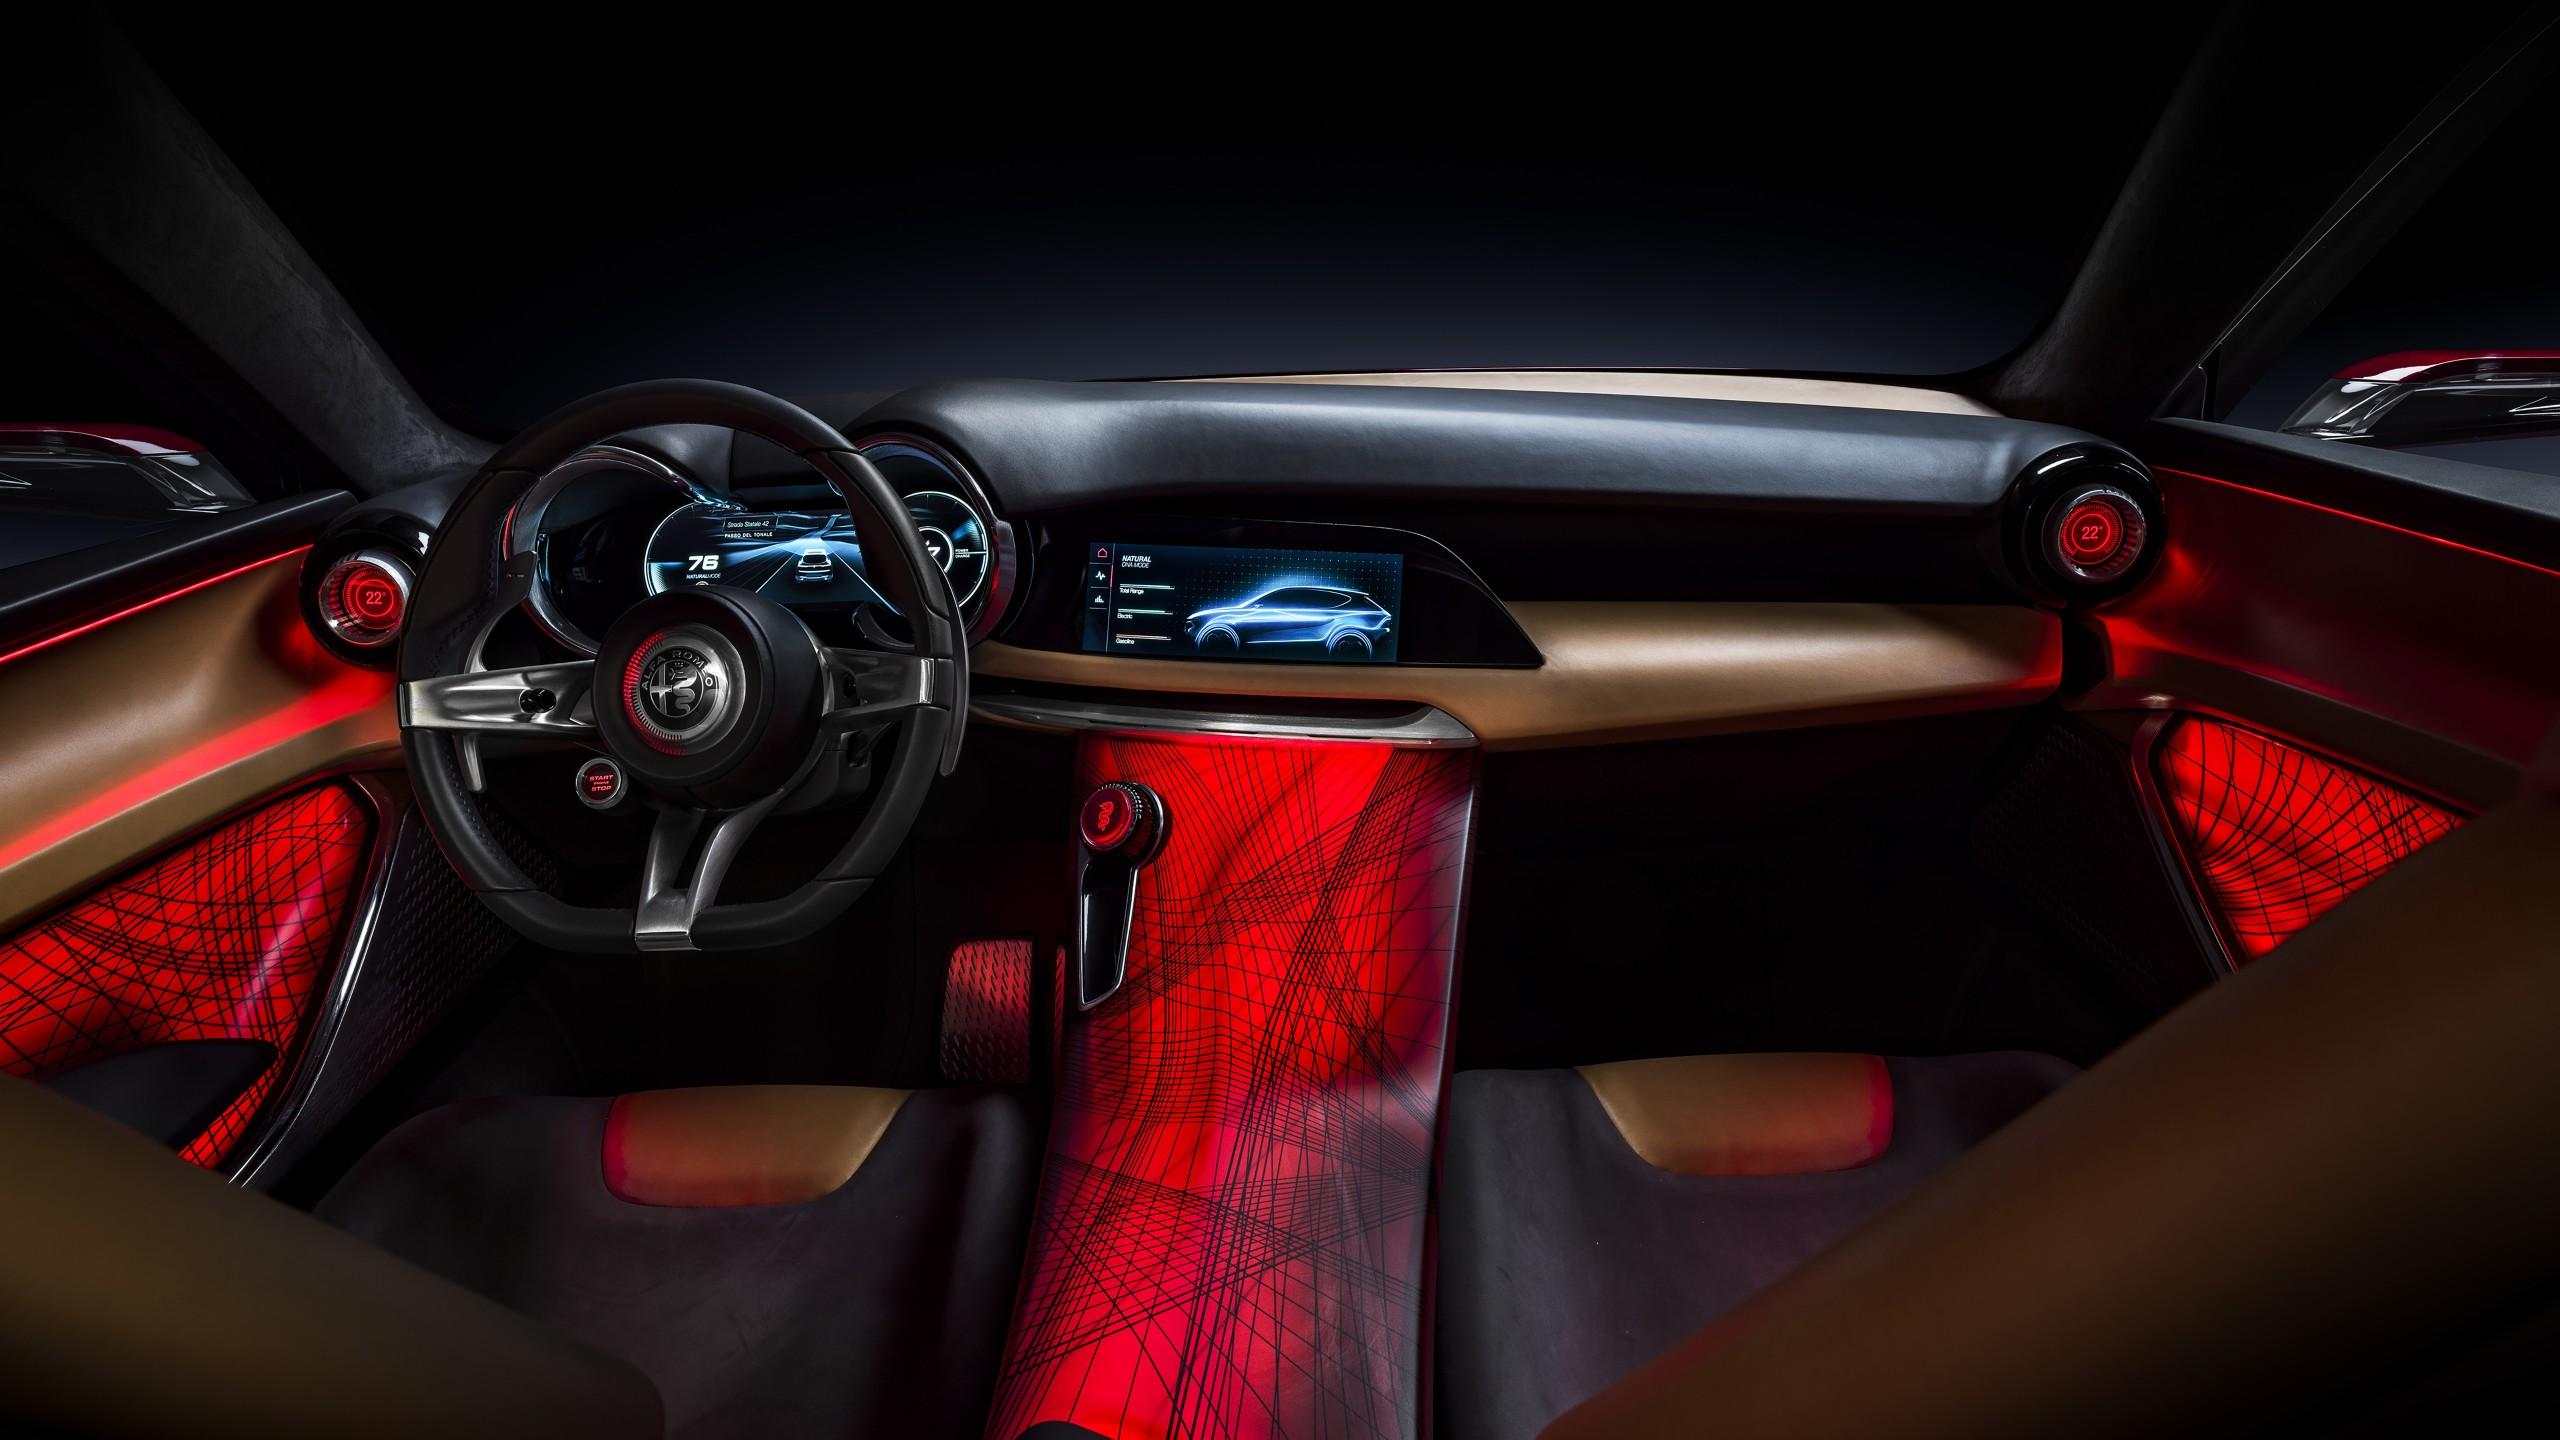 Alfa Romeo Giulia >> Alfa Romeo Tonale Concept 2019 4K Interior Wallpaper | HD ...